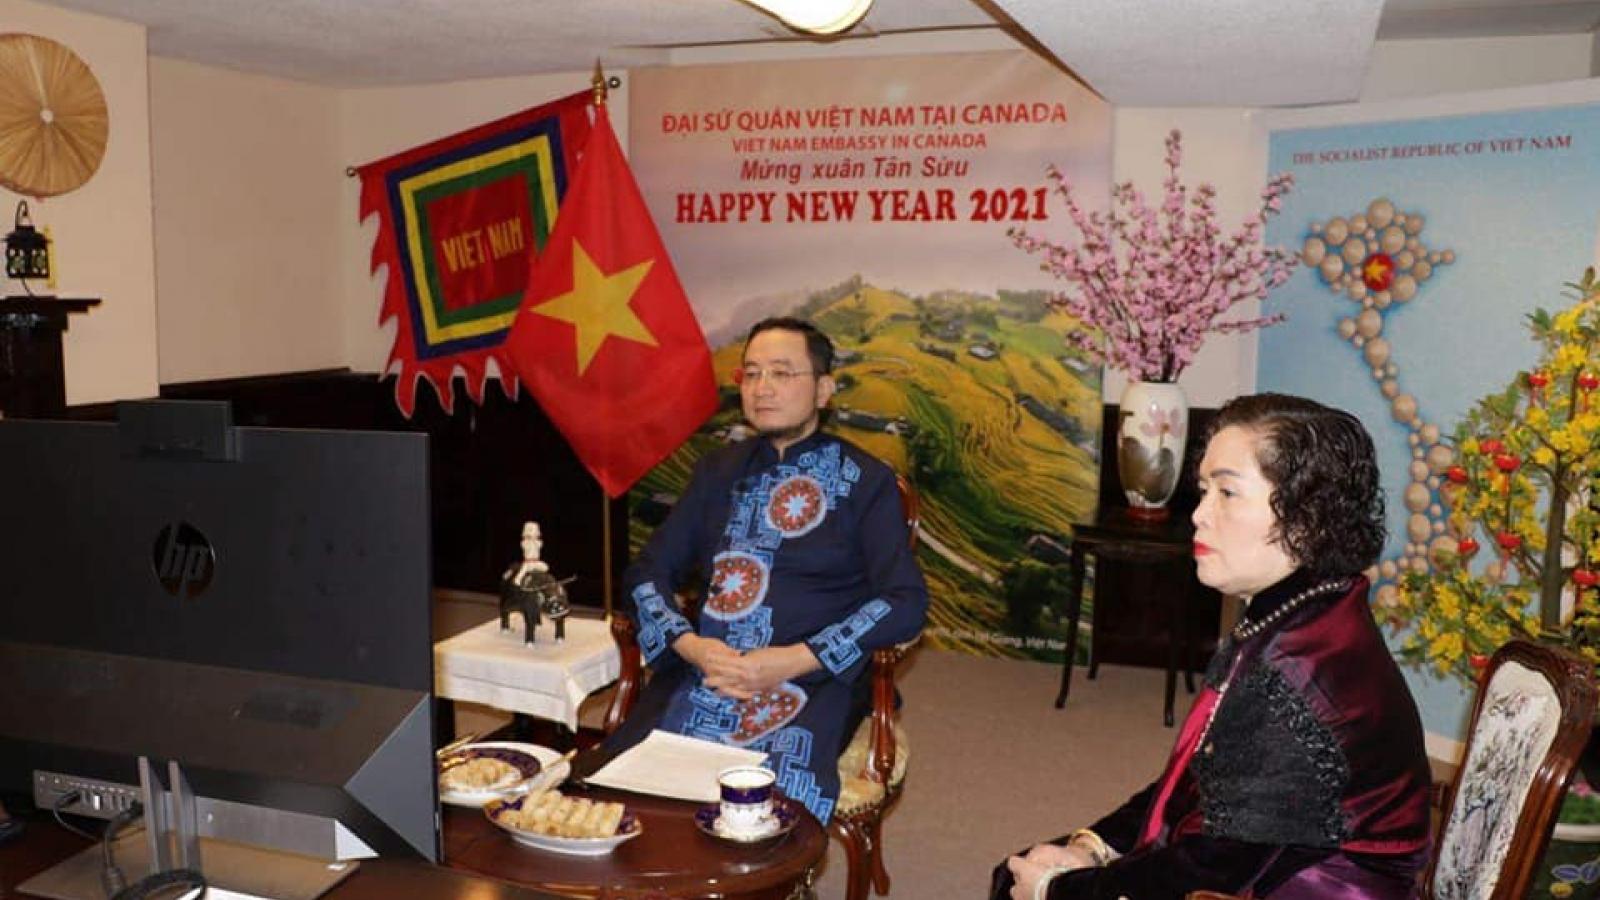 Tết Việt Nam: Cộng đồng mạnh mẽ và kiên cường